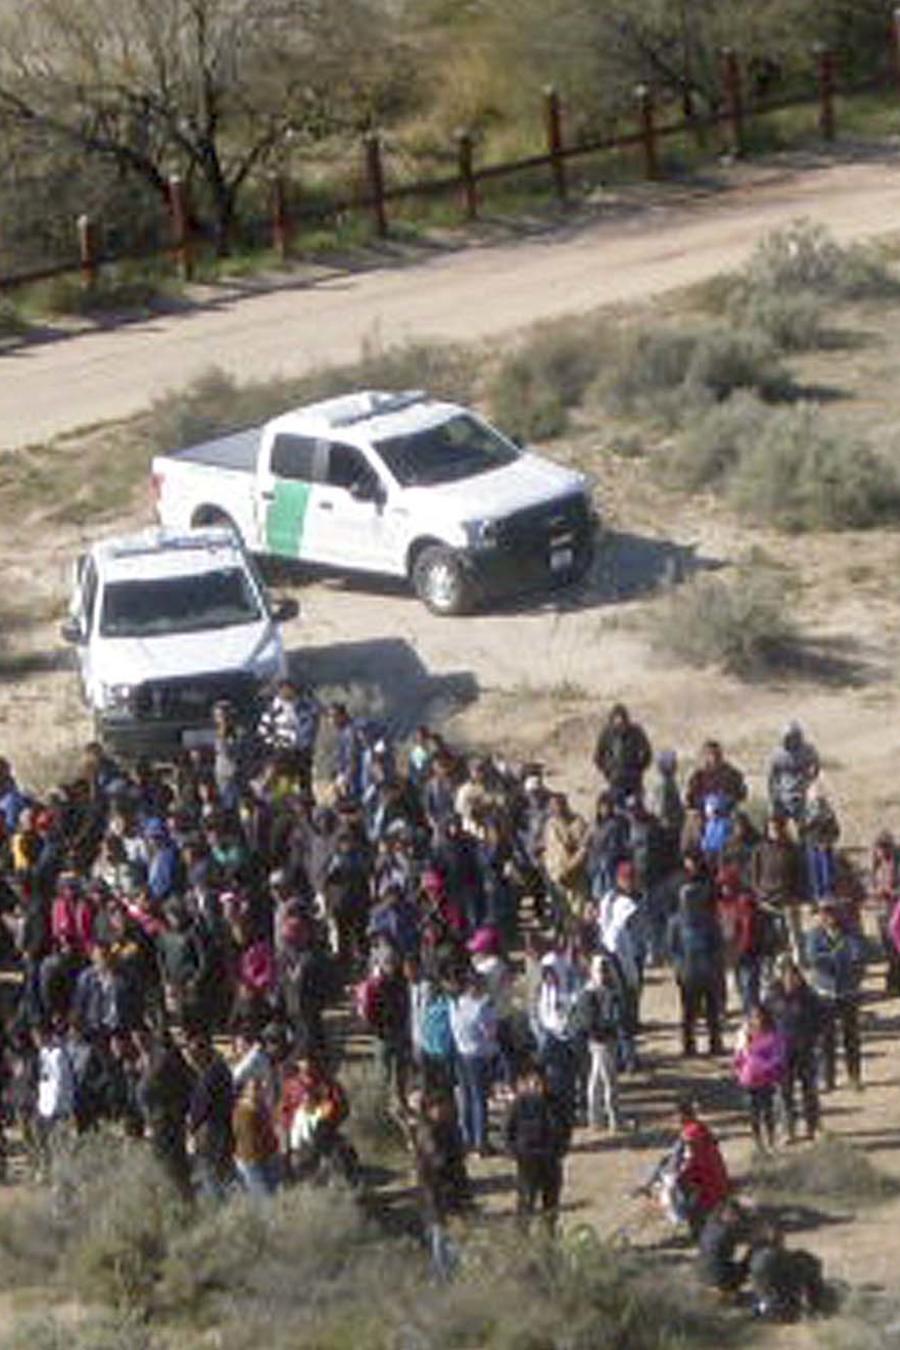 Imagen aérea de un grupo de 325 migrantes capturados en Arizona el jueves 7 de febrero de 2019 tras cruzar ilegalmente a EEUU